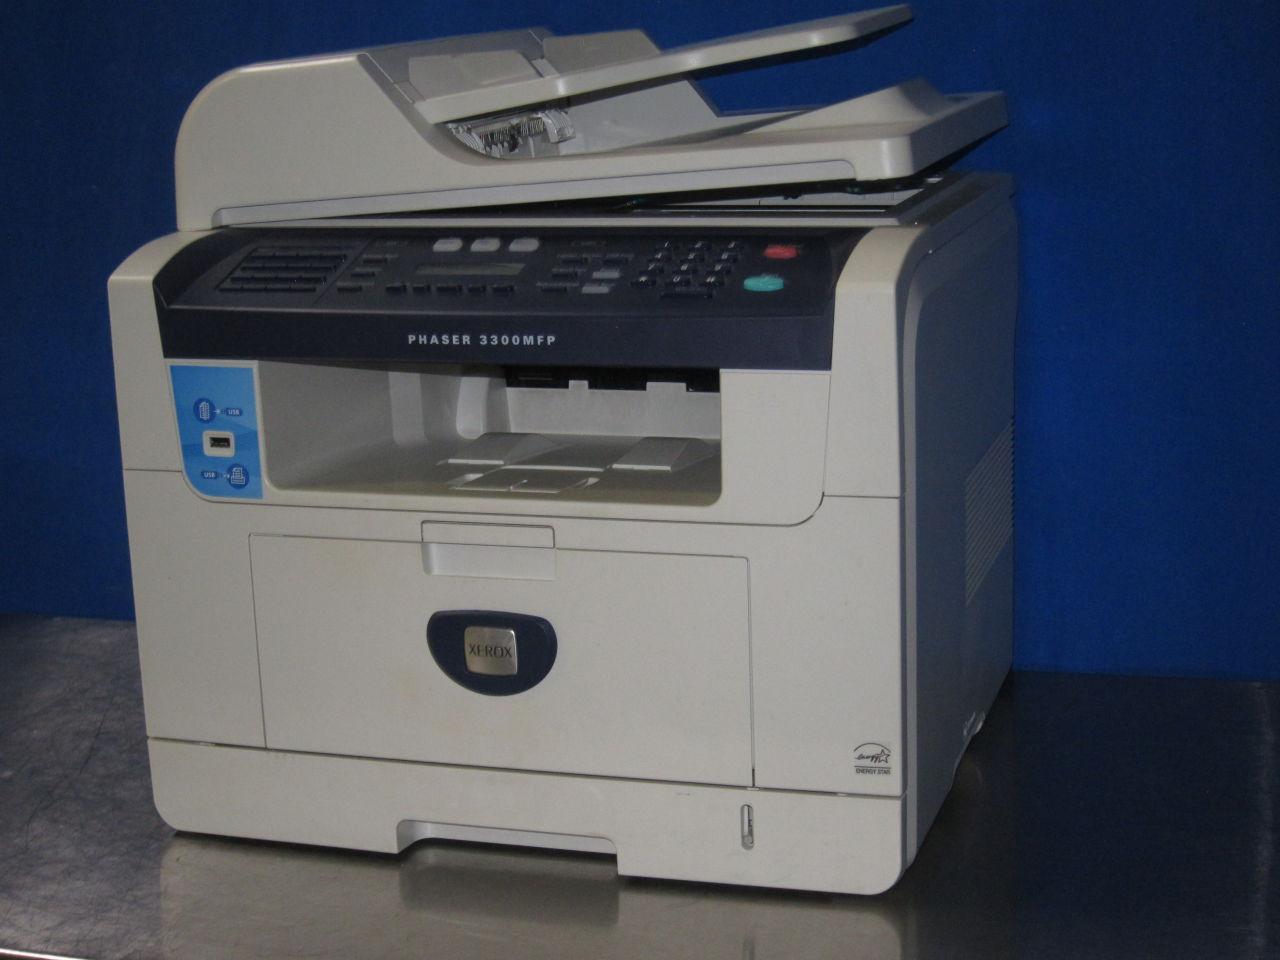 XEROX Phaser 3300MFP w/ Broken Scanner Glass Printer